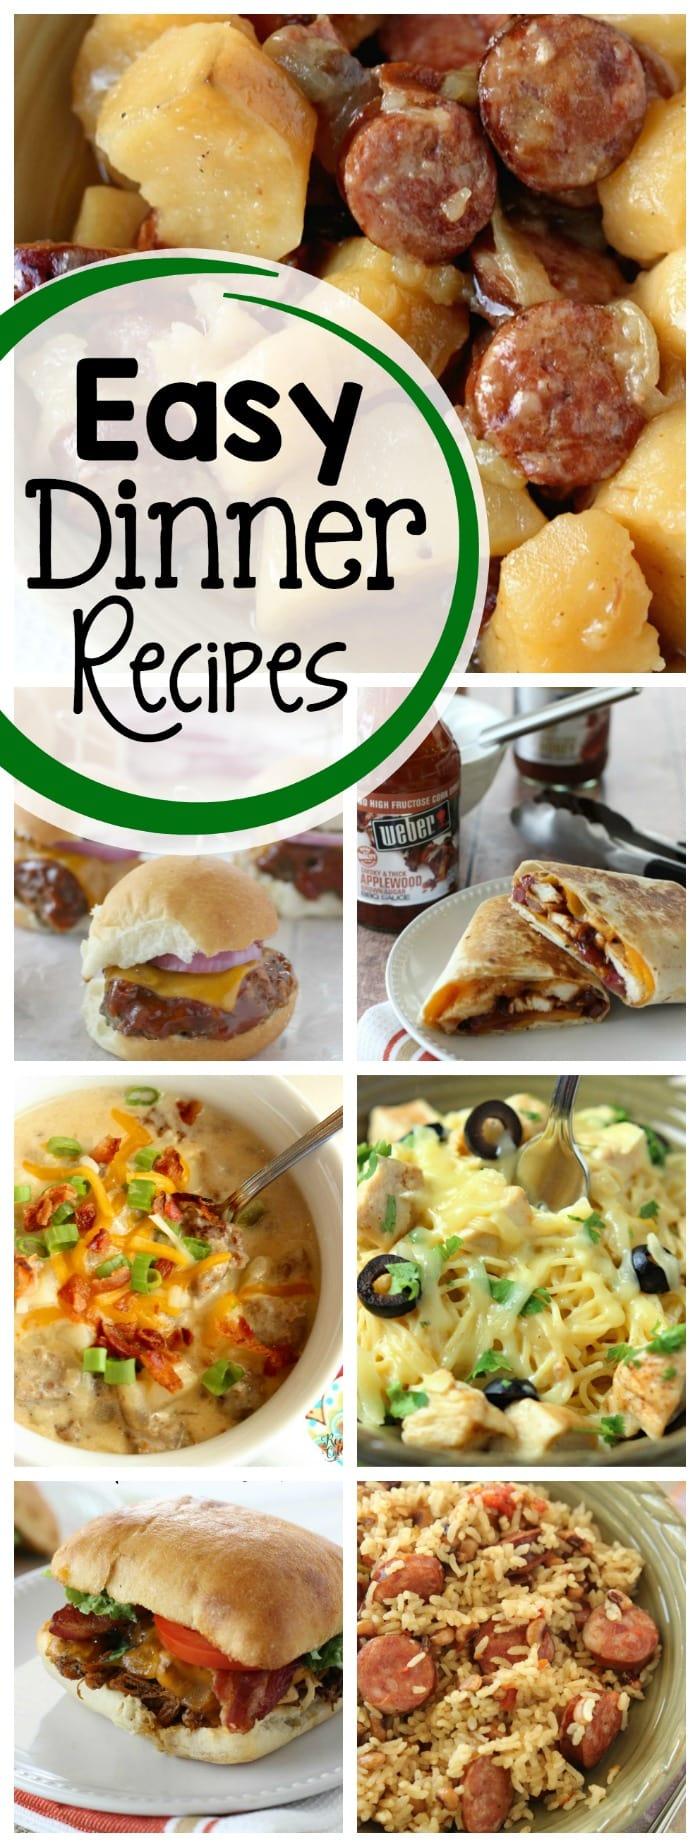 Easy Dinner Recipes Four